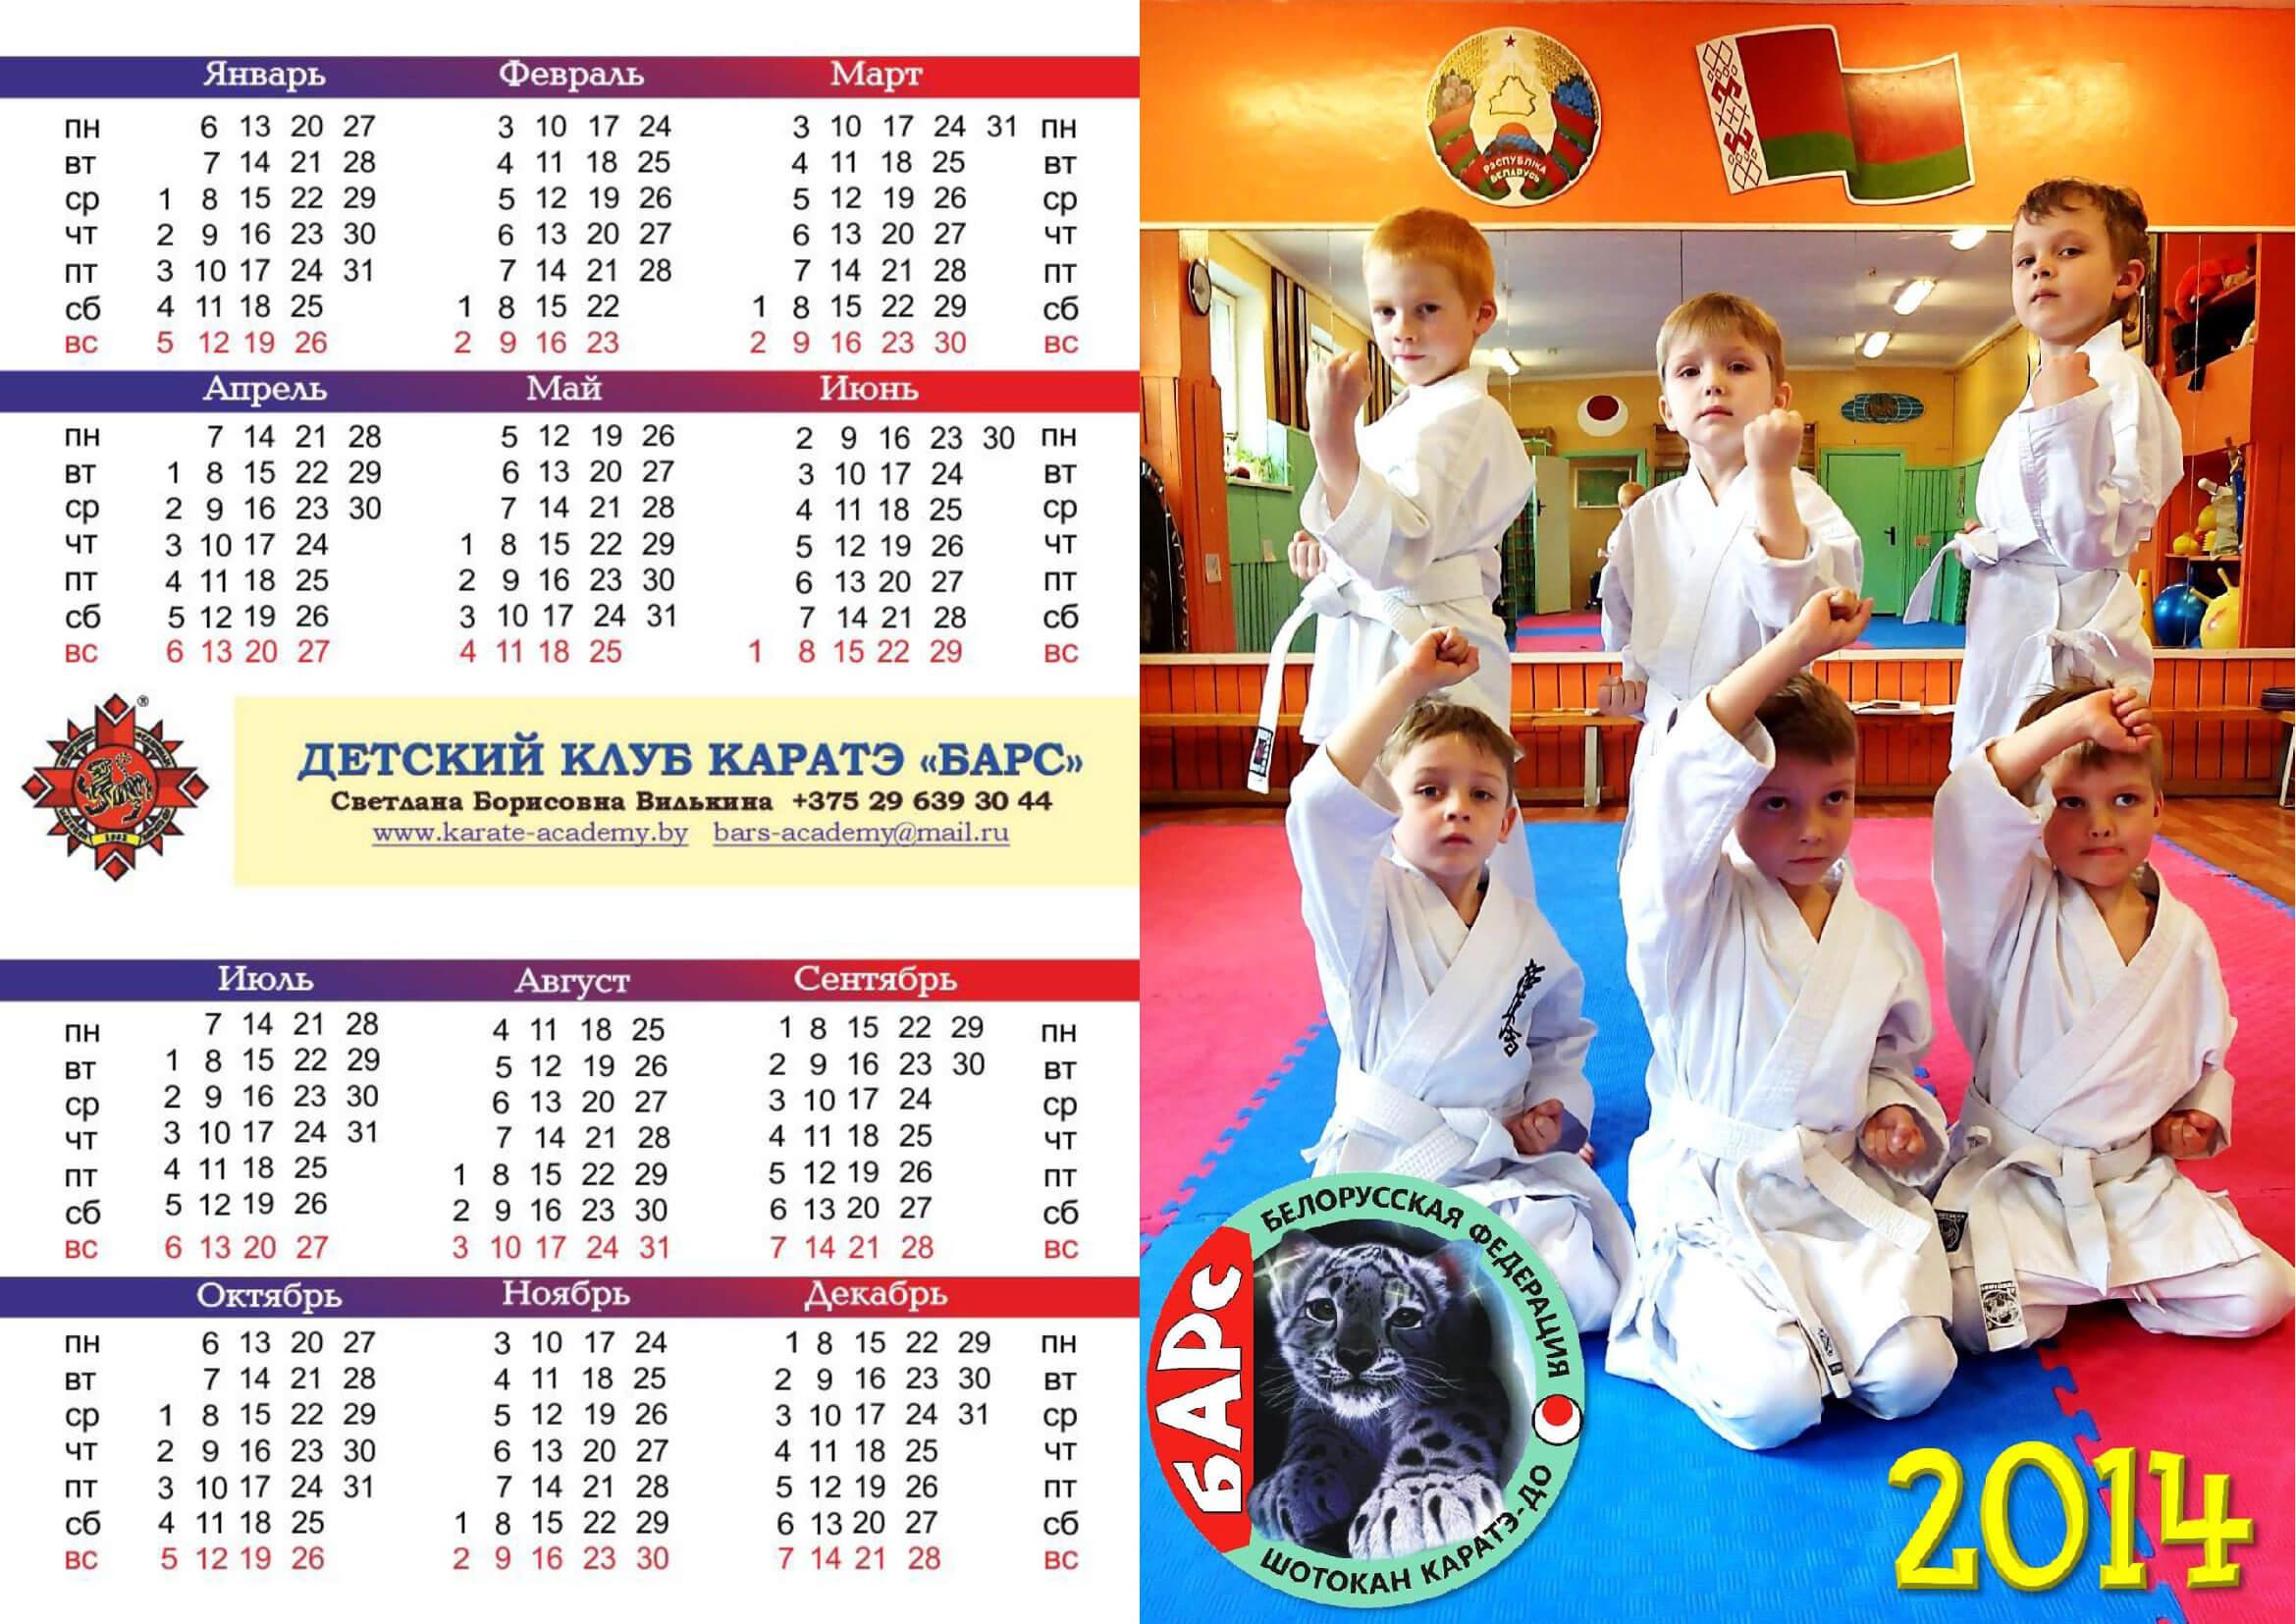 Барс 05-2014 Календарь